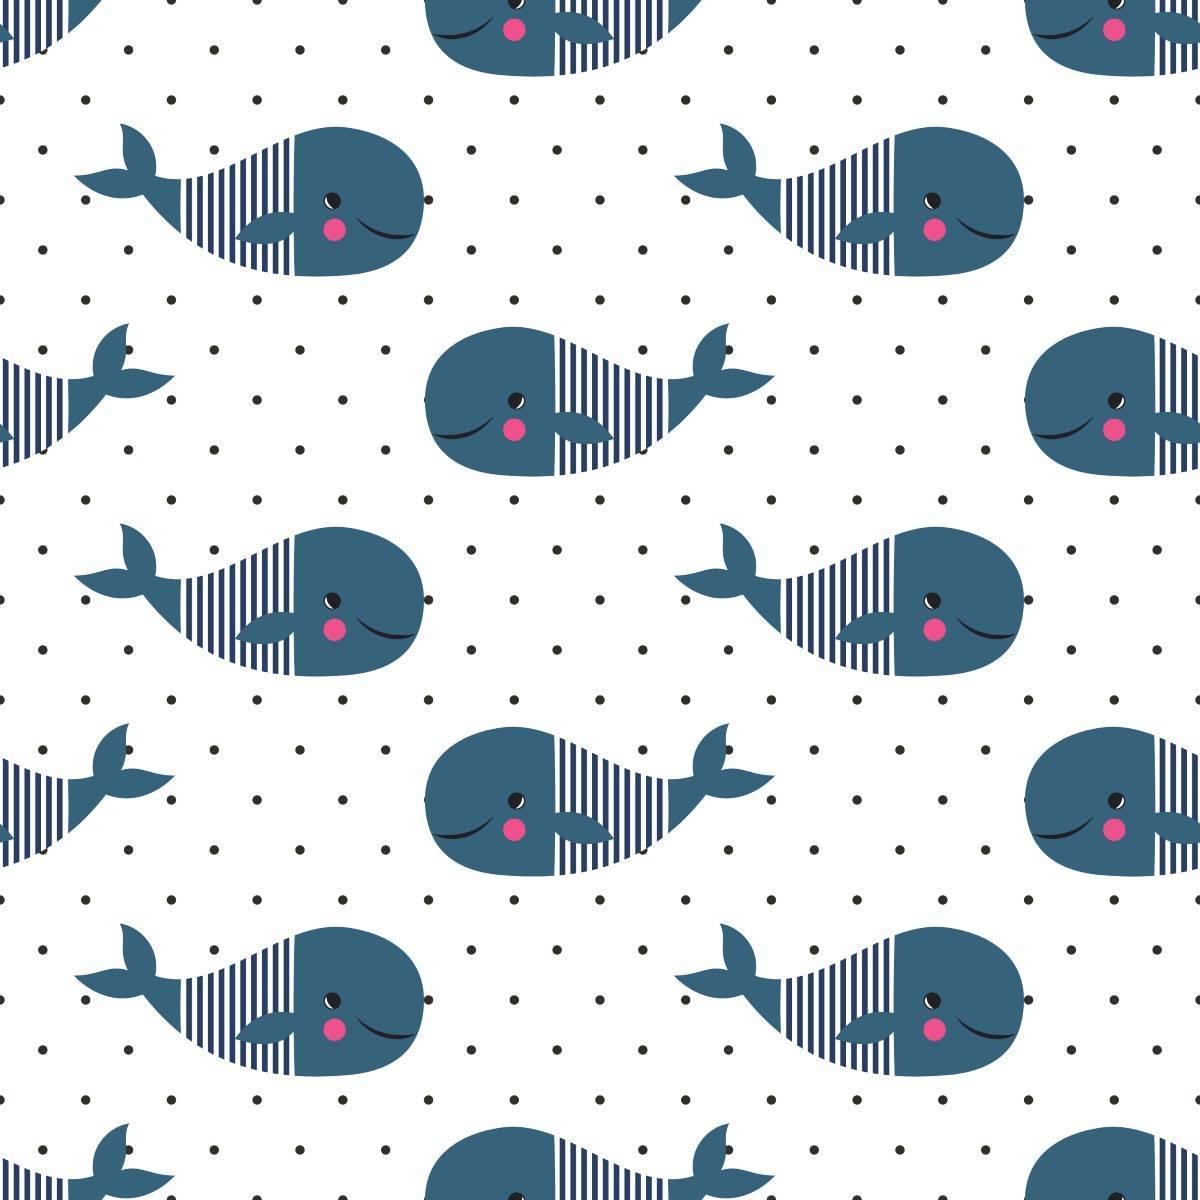 Papel de Parede Adesivo Baleias imagem 1